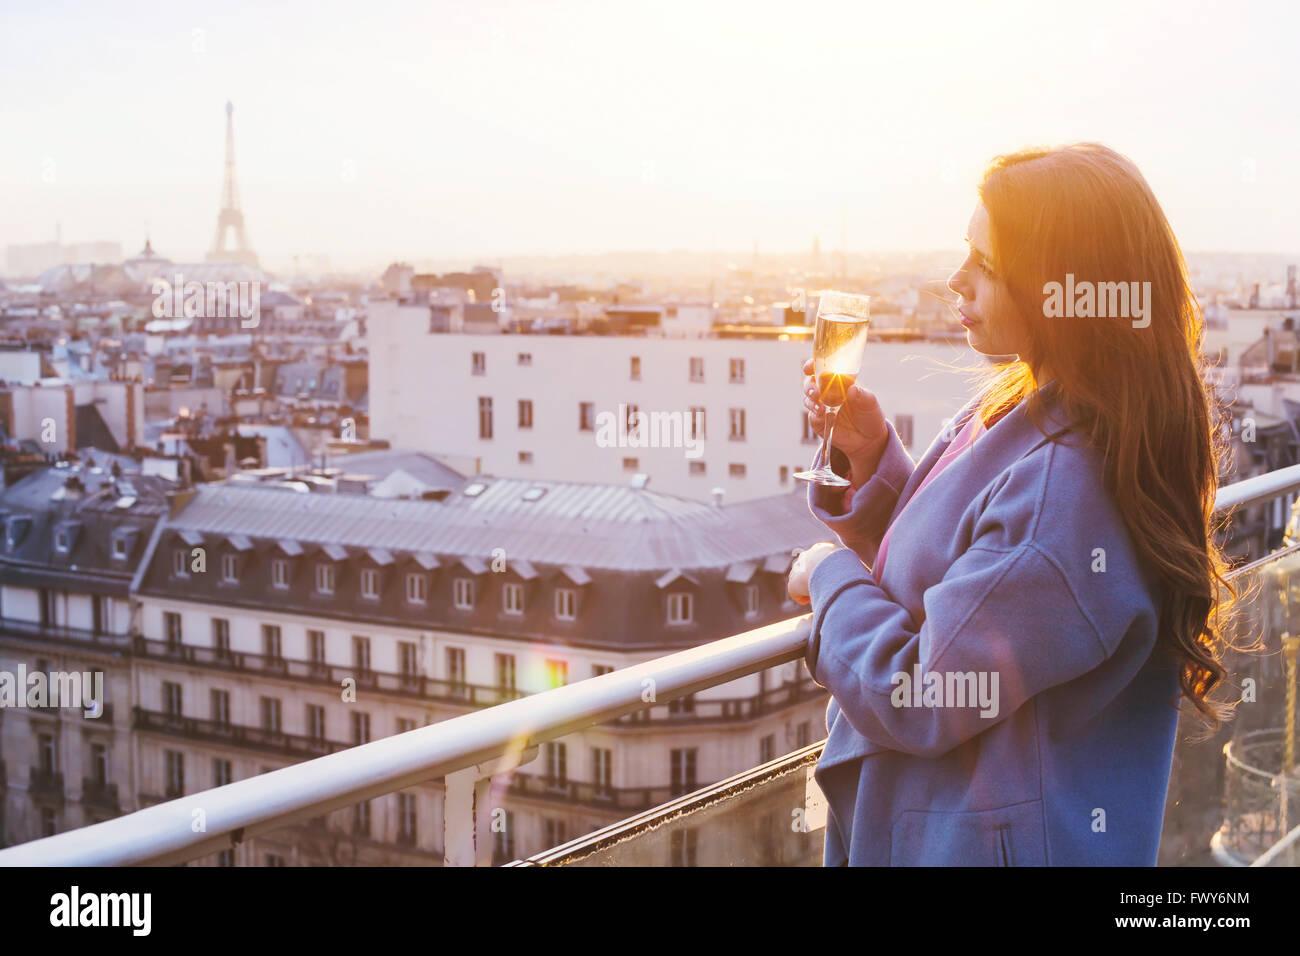 Femme bénéficiant d'une vue panoramique sur Paris et la Tour Eiffel au coucher du soleil, tenant un Photo Stock